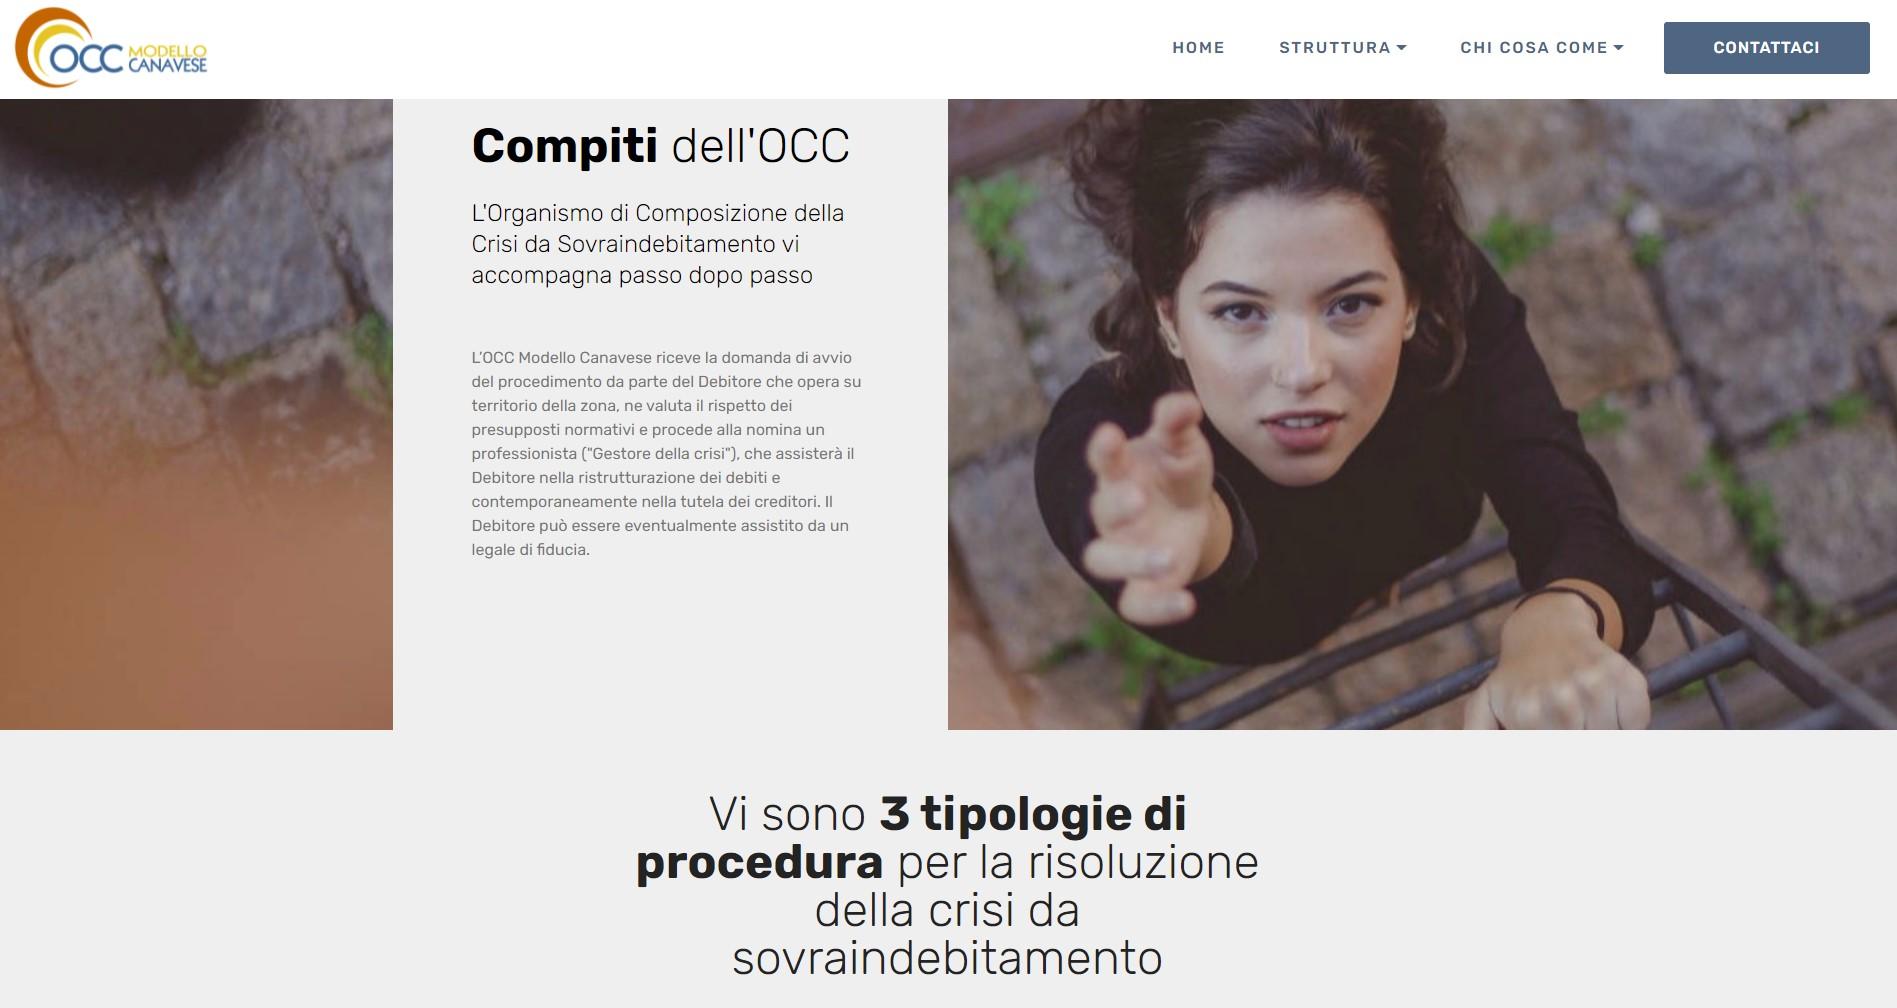 Occ del Canvese - sito internet